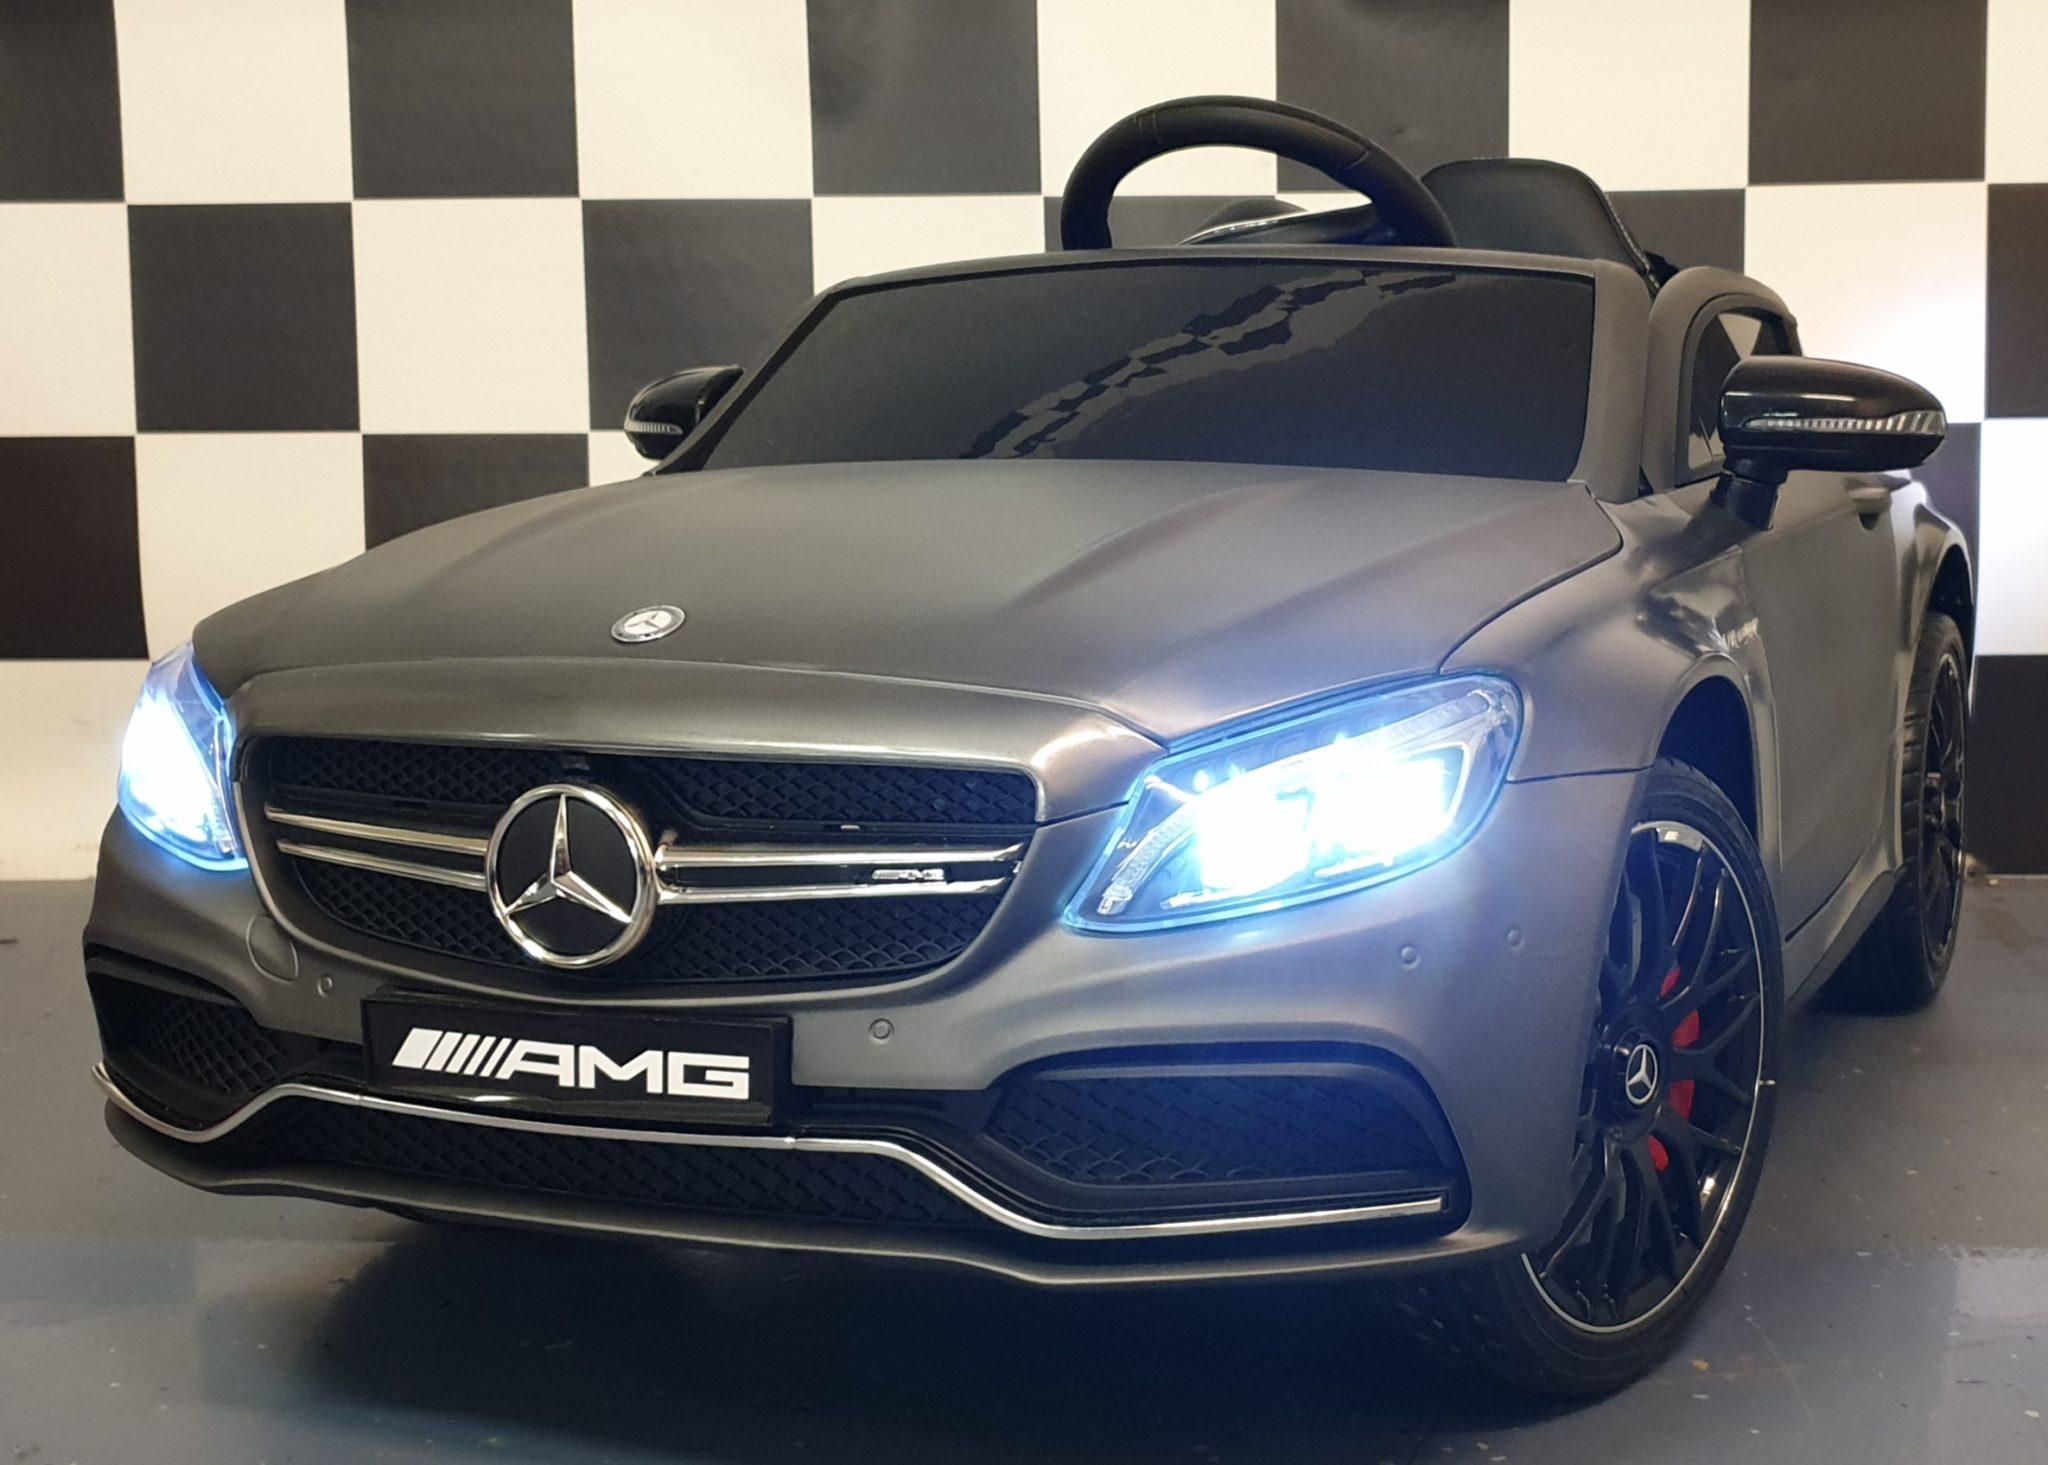 Mercedes C63 AMG elektrische kinderauto 12 volt, 2.4G afstandbediening Mat grijs